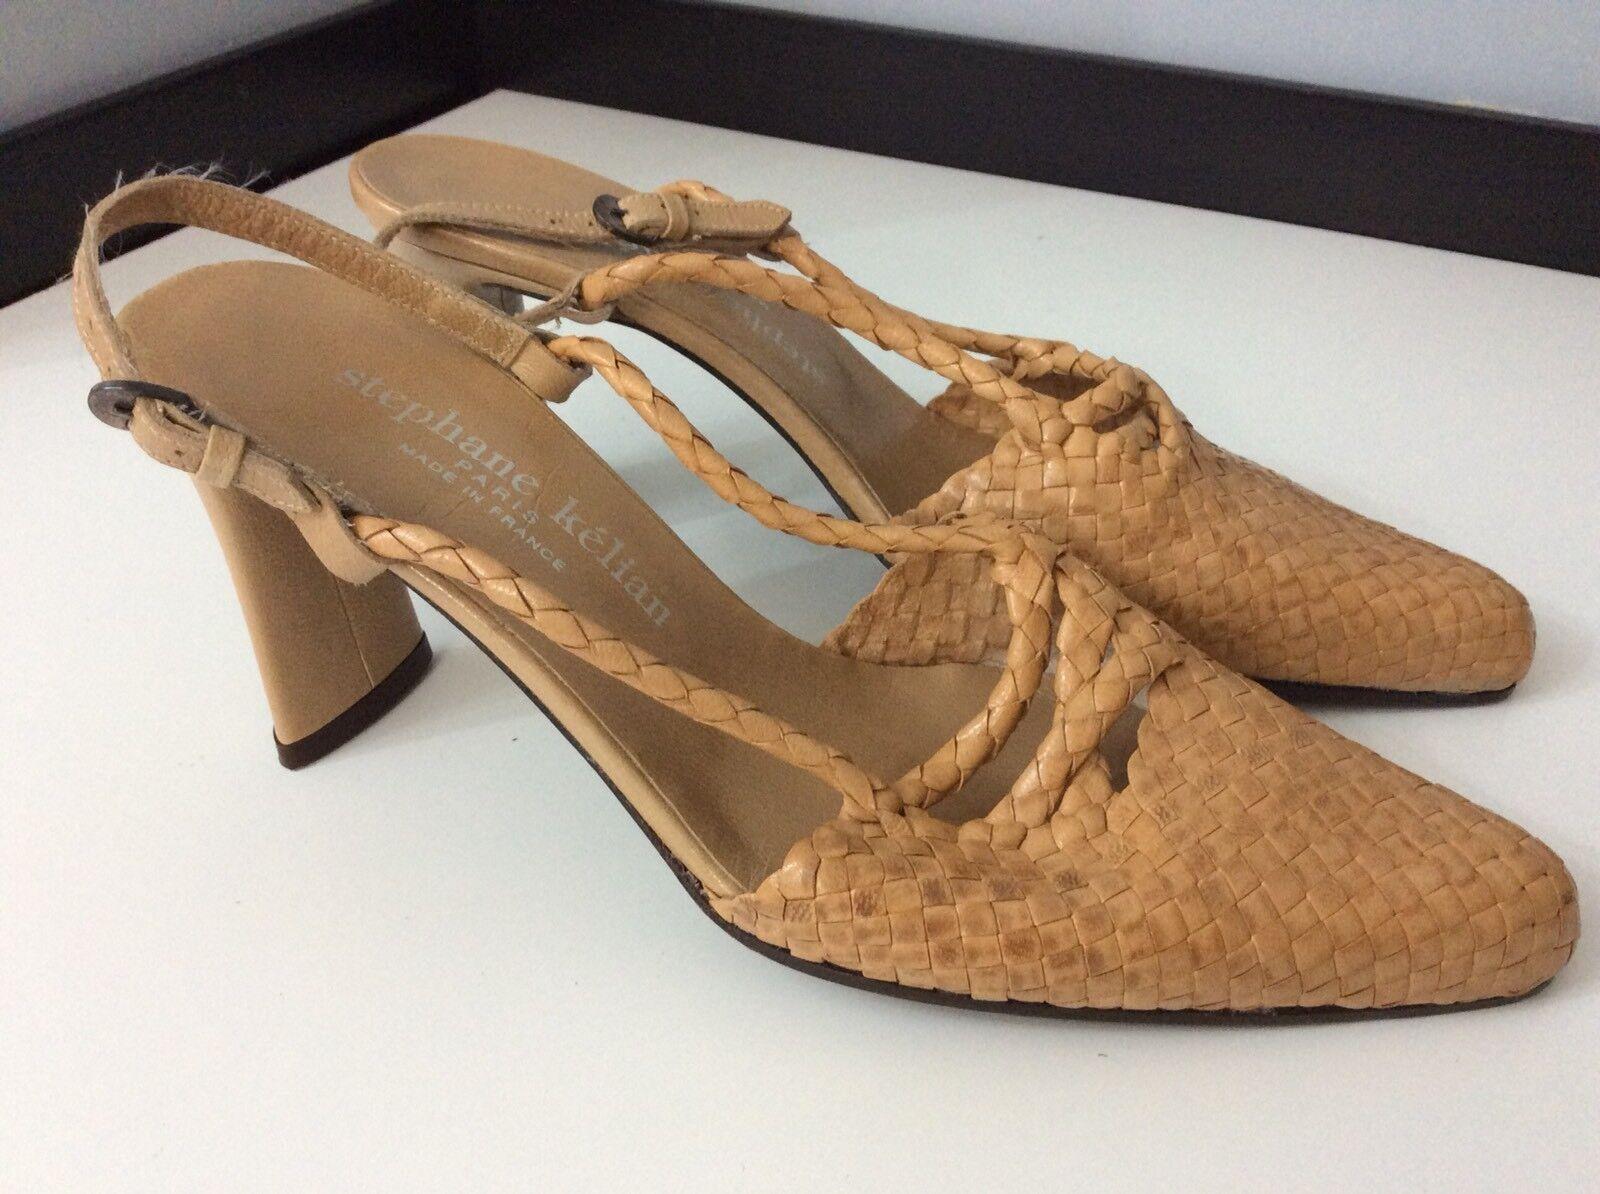 Stephane KELIAN cuero nuevo zapatos talla talla talla 37.5 Reino Unido 4.5 BNWOB  marcas de diseñadores baratos